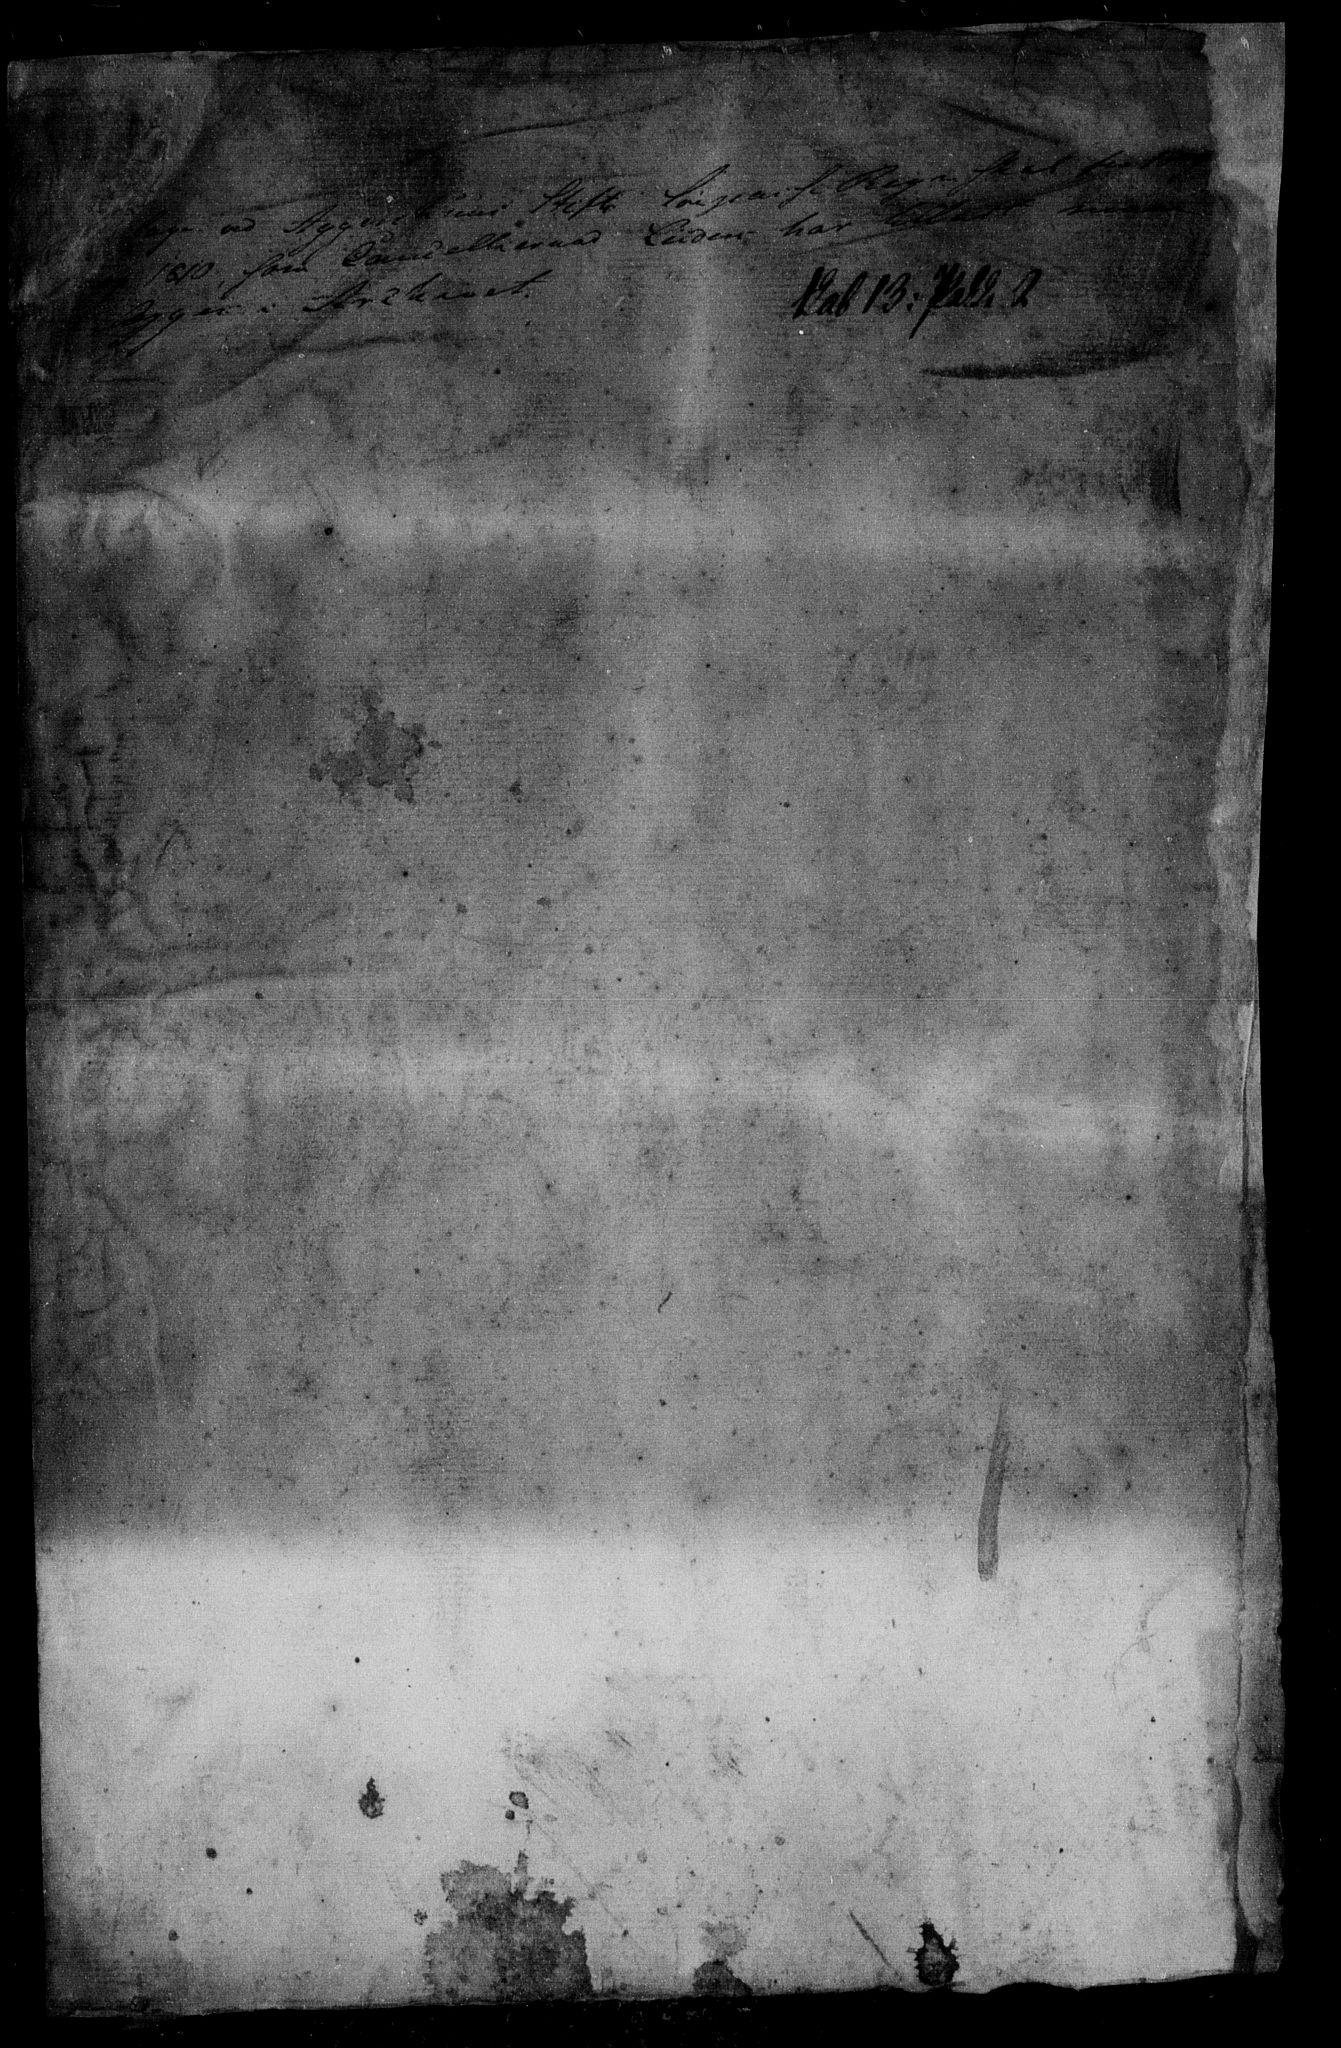 RA, Danske Kanselli, Skapsaker, F/L0052: Skap 13, pakke 2, 1809-1810, s. 4